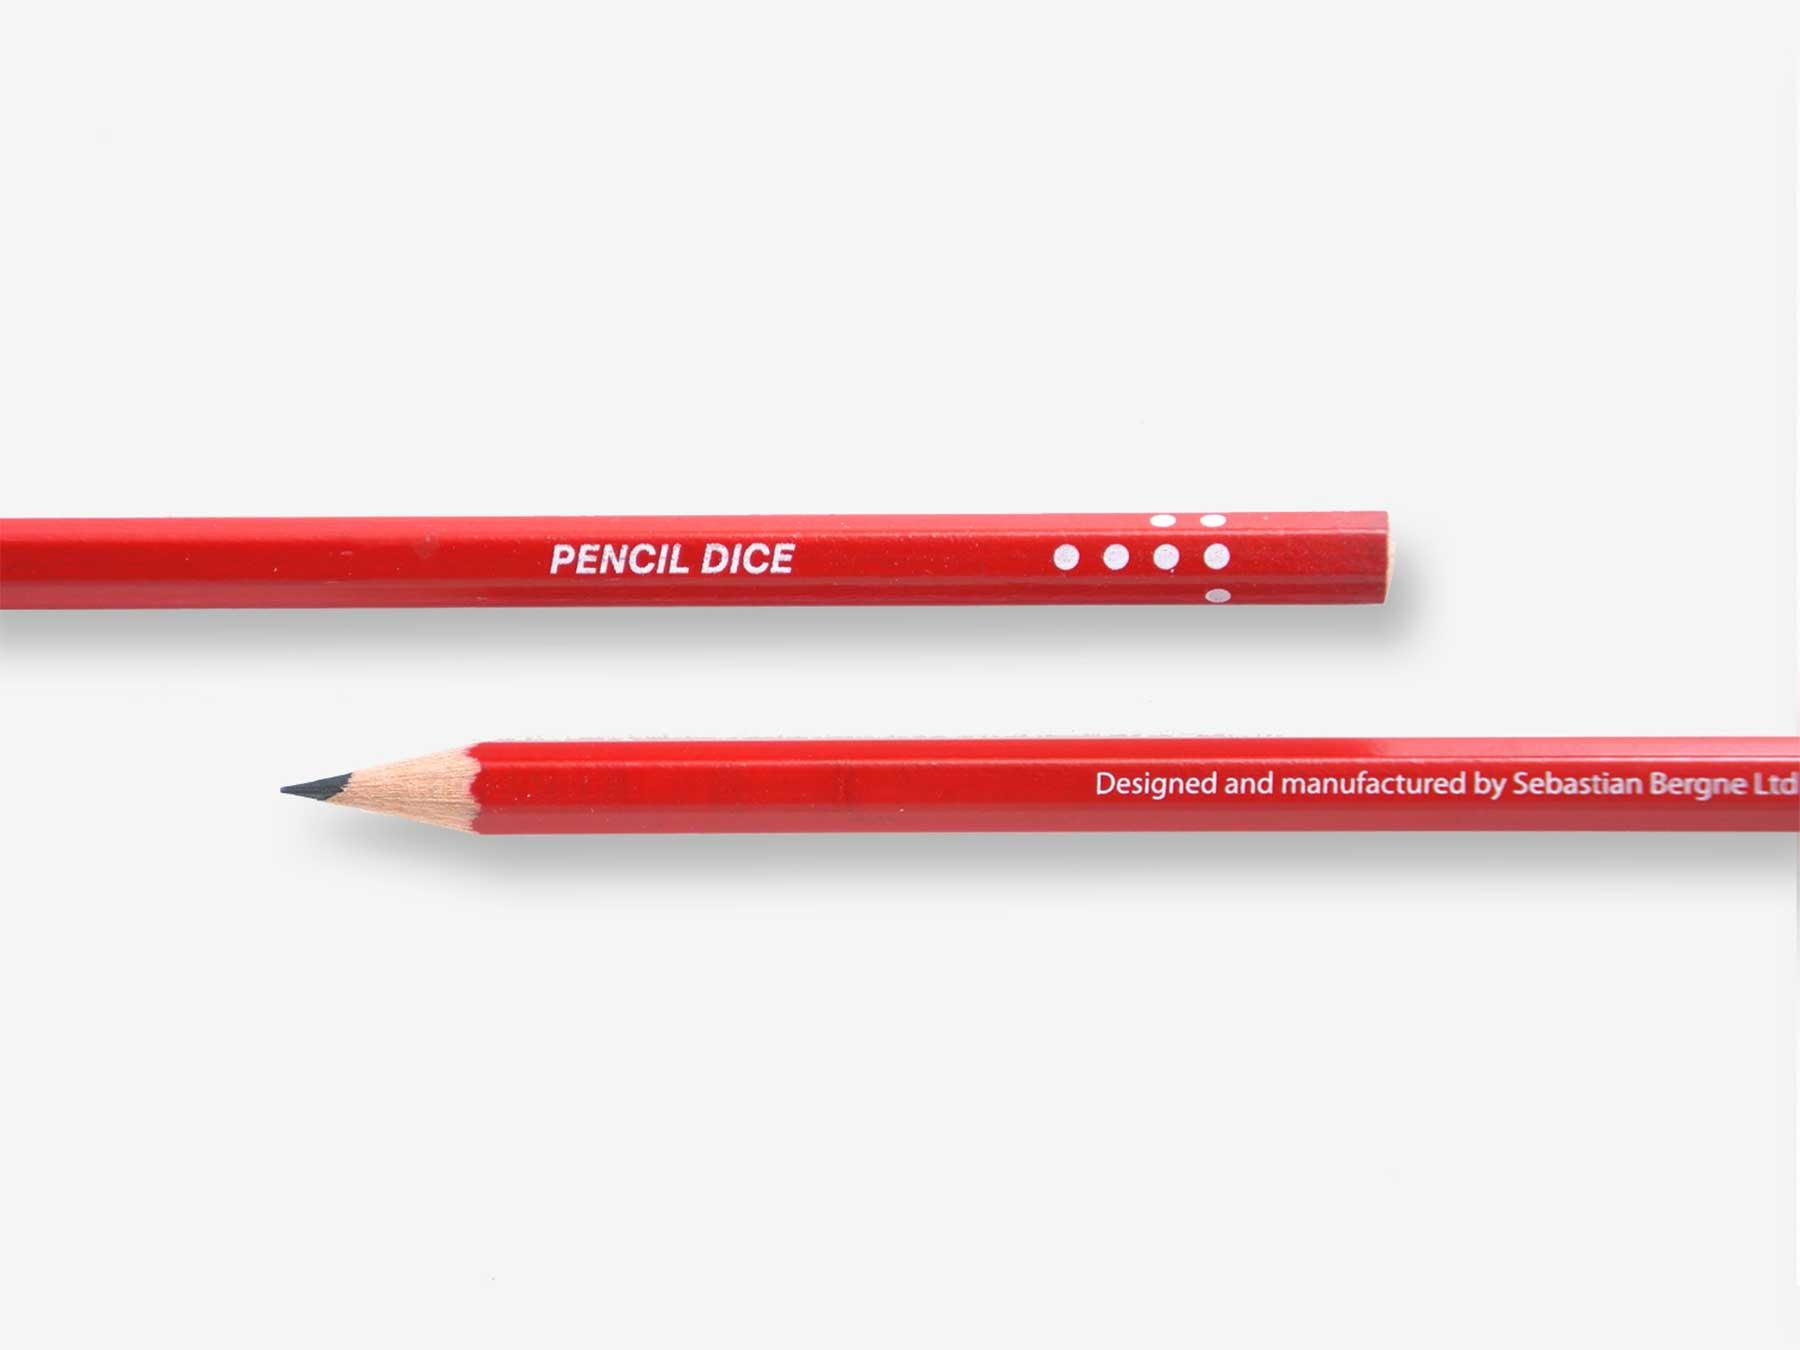 Würfel-Bleistift Pencil-dice-wuerfel-bleistift_02